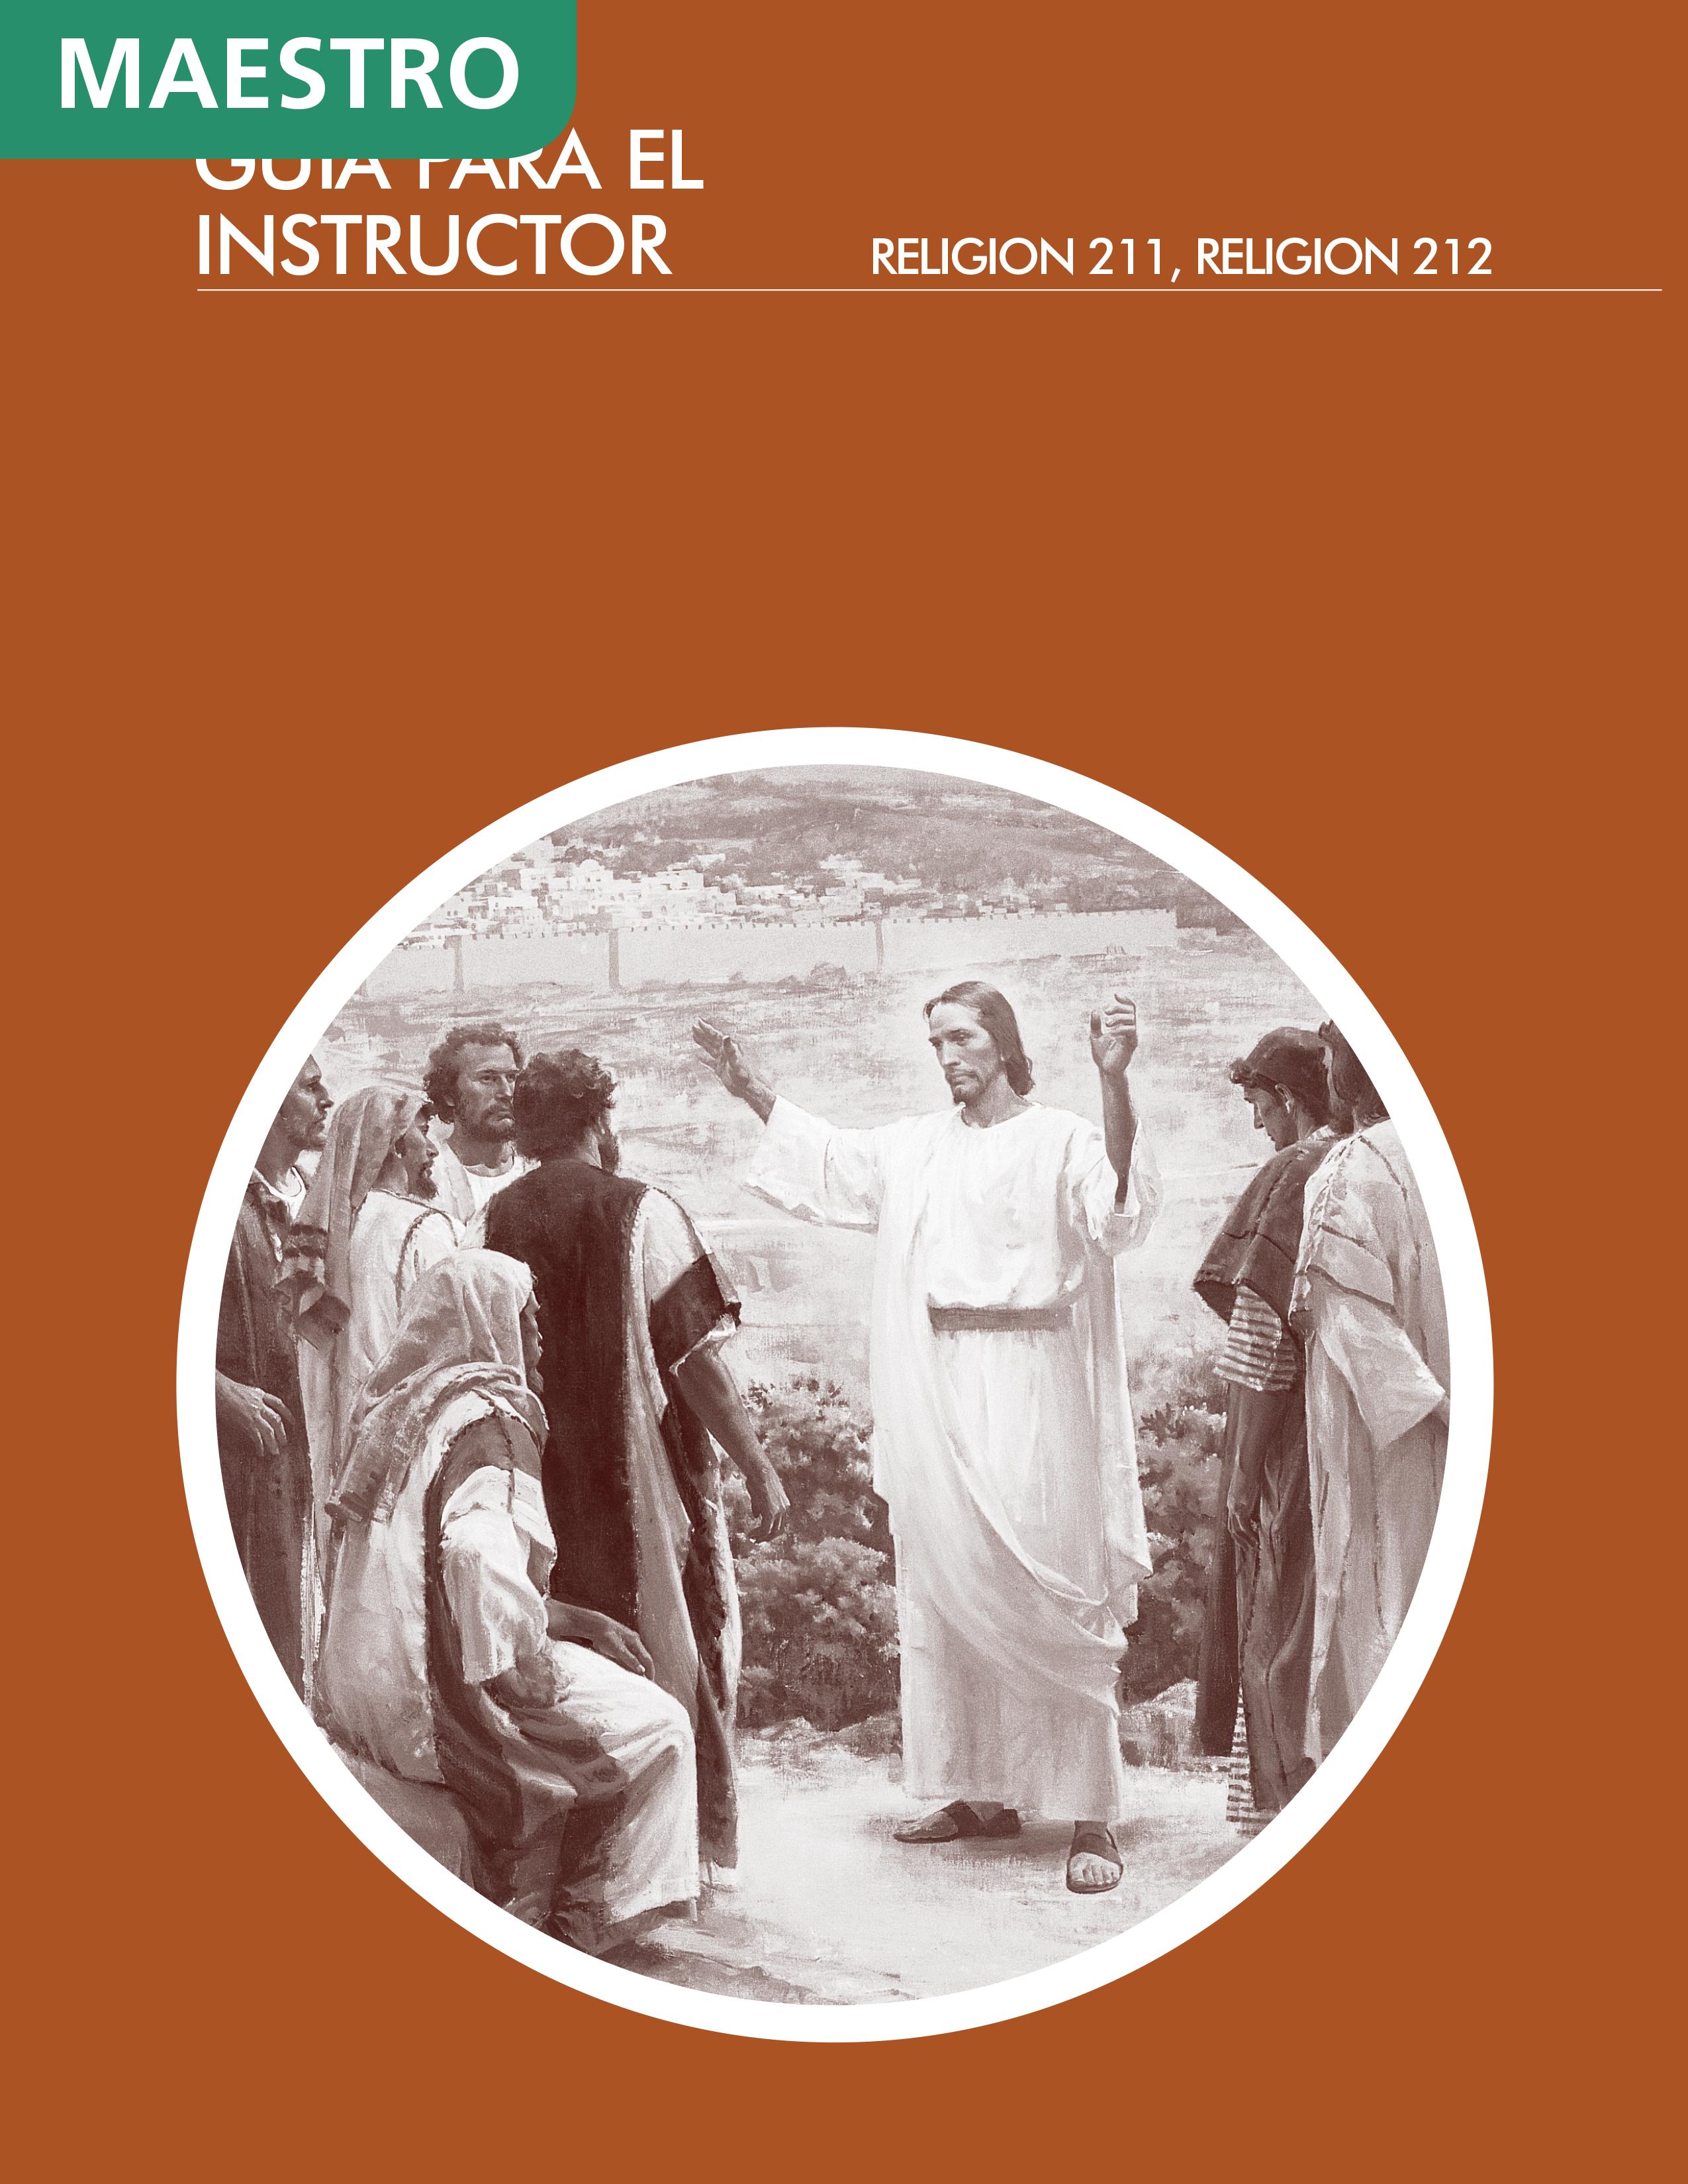 La vida y enseñanzas de Cristo y Sus apóstoles: Guía para el instructor